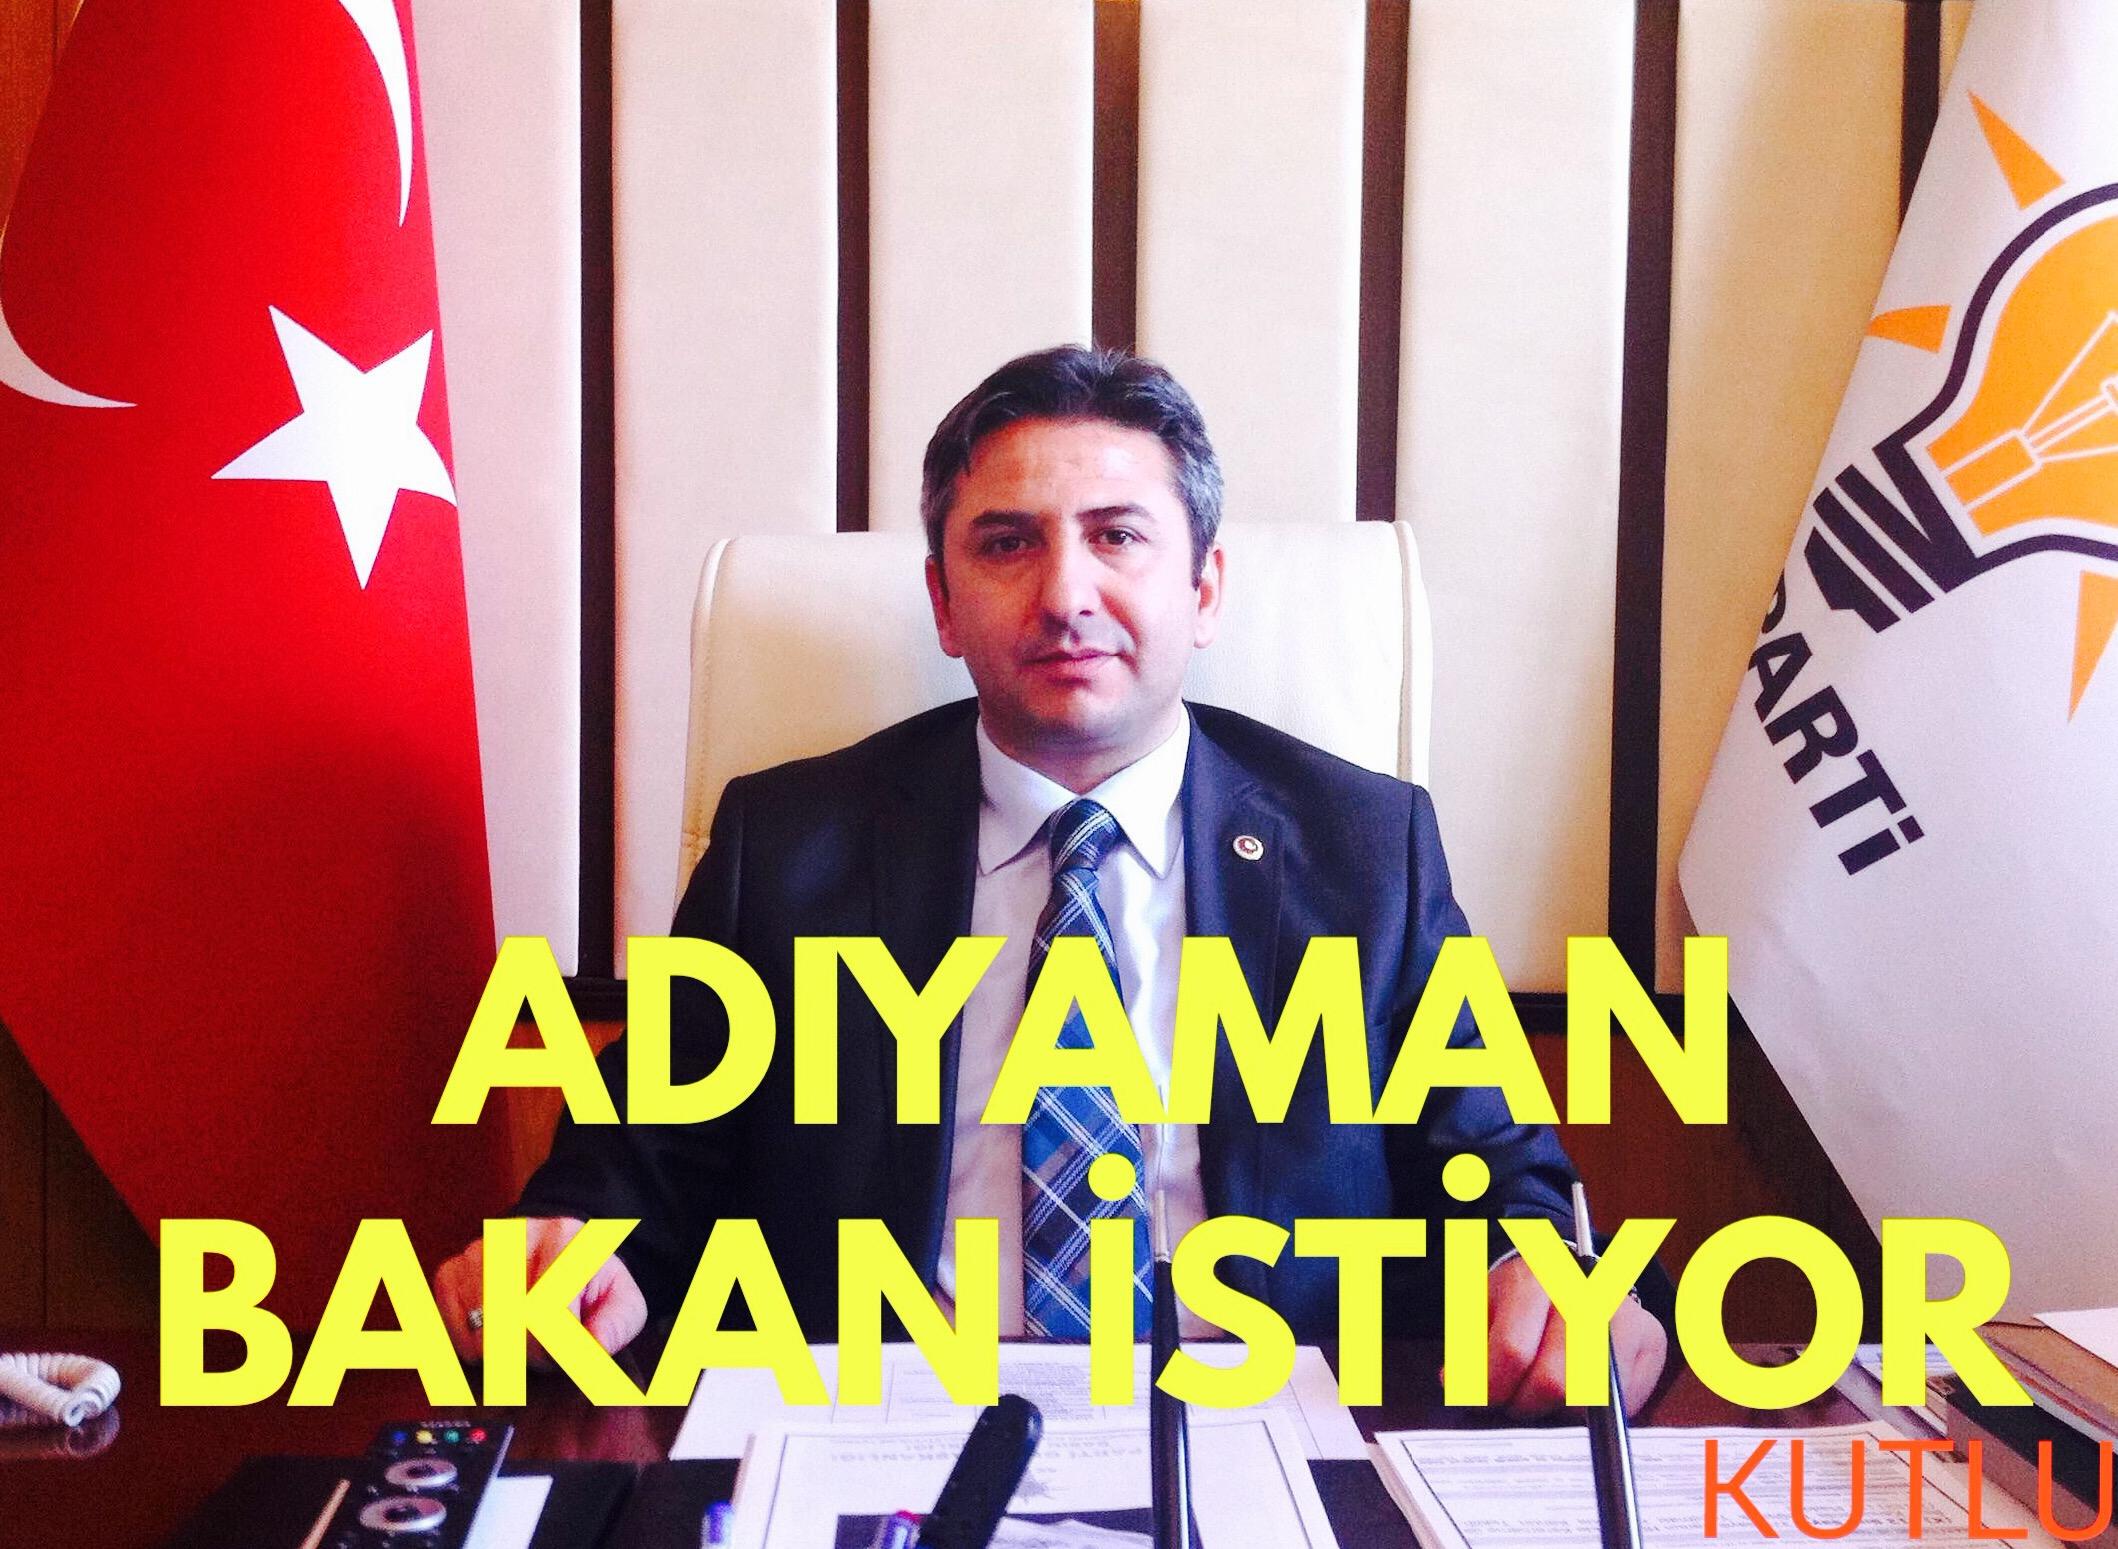 ADIYAMAN, AHMET AYDIN'I 'BAKAN'GÖRMEK İSTİYOR.